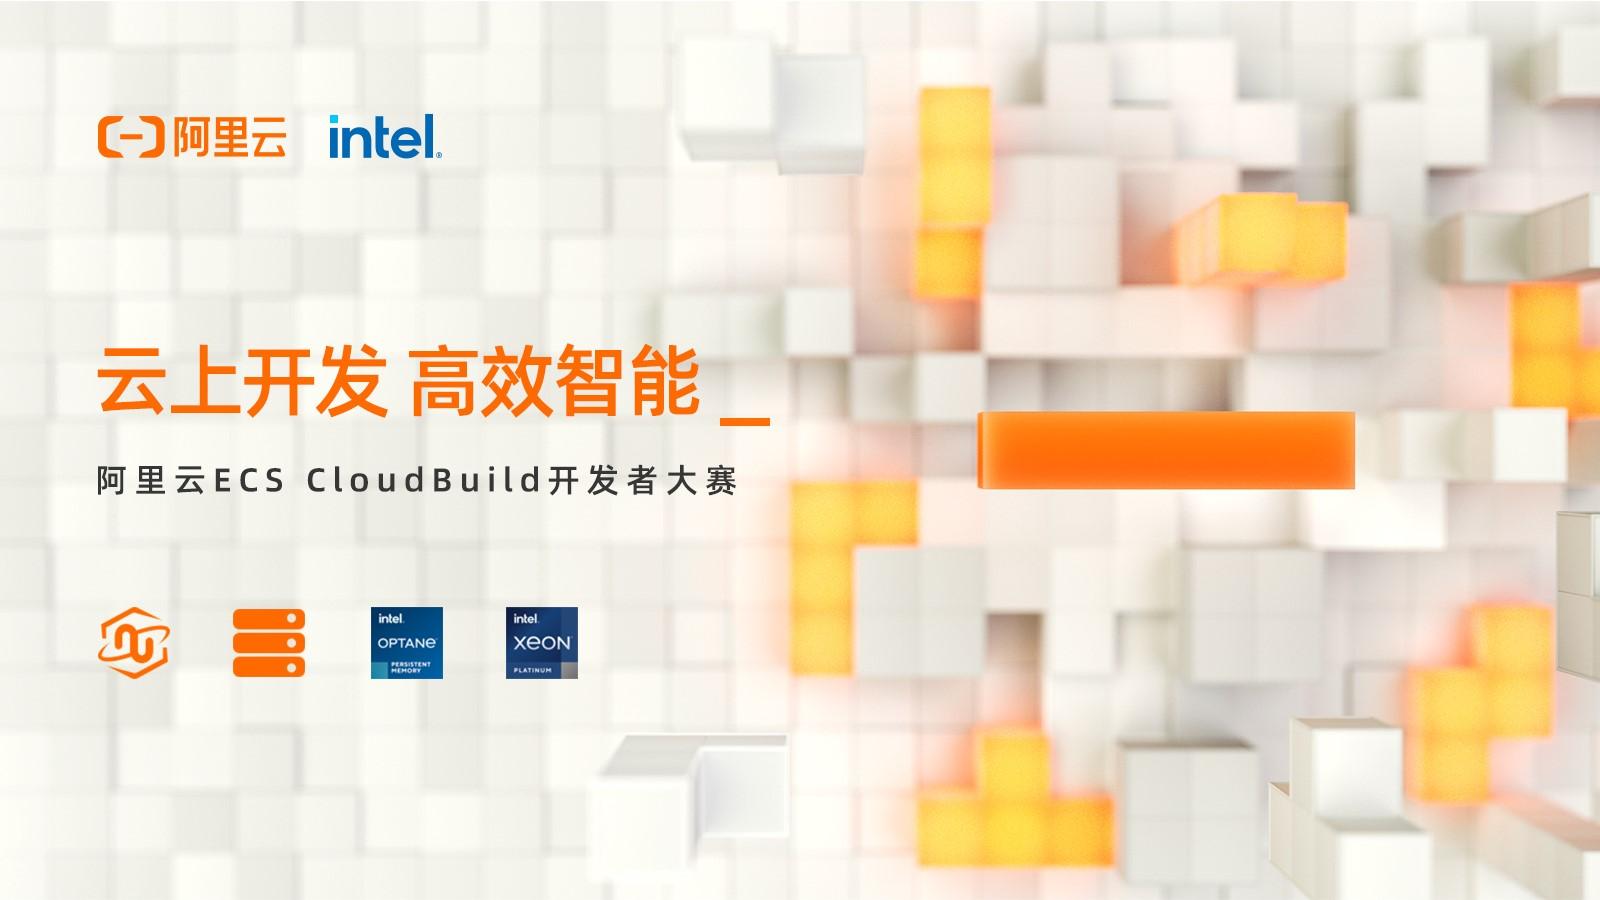 40万奖金等你来挑战!阿里云ECS Cloudbuild开发者大赛重磅开启